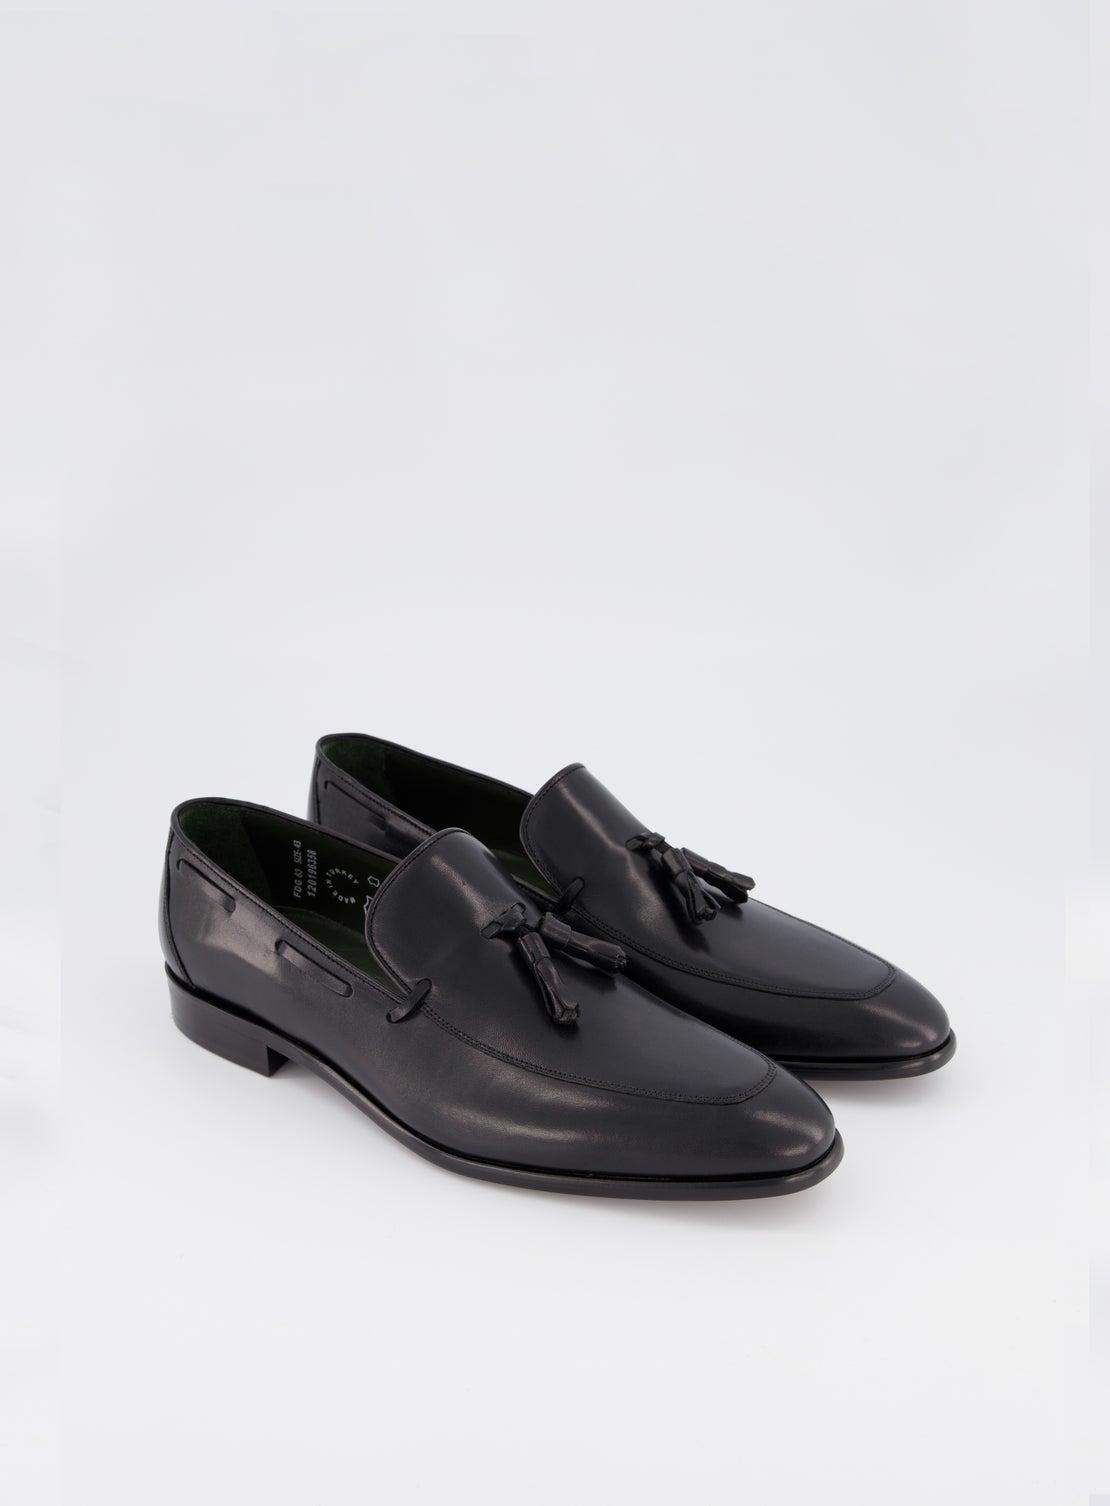 Gahn Black Tassle Loafer